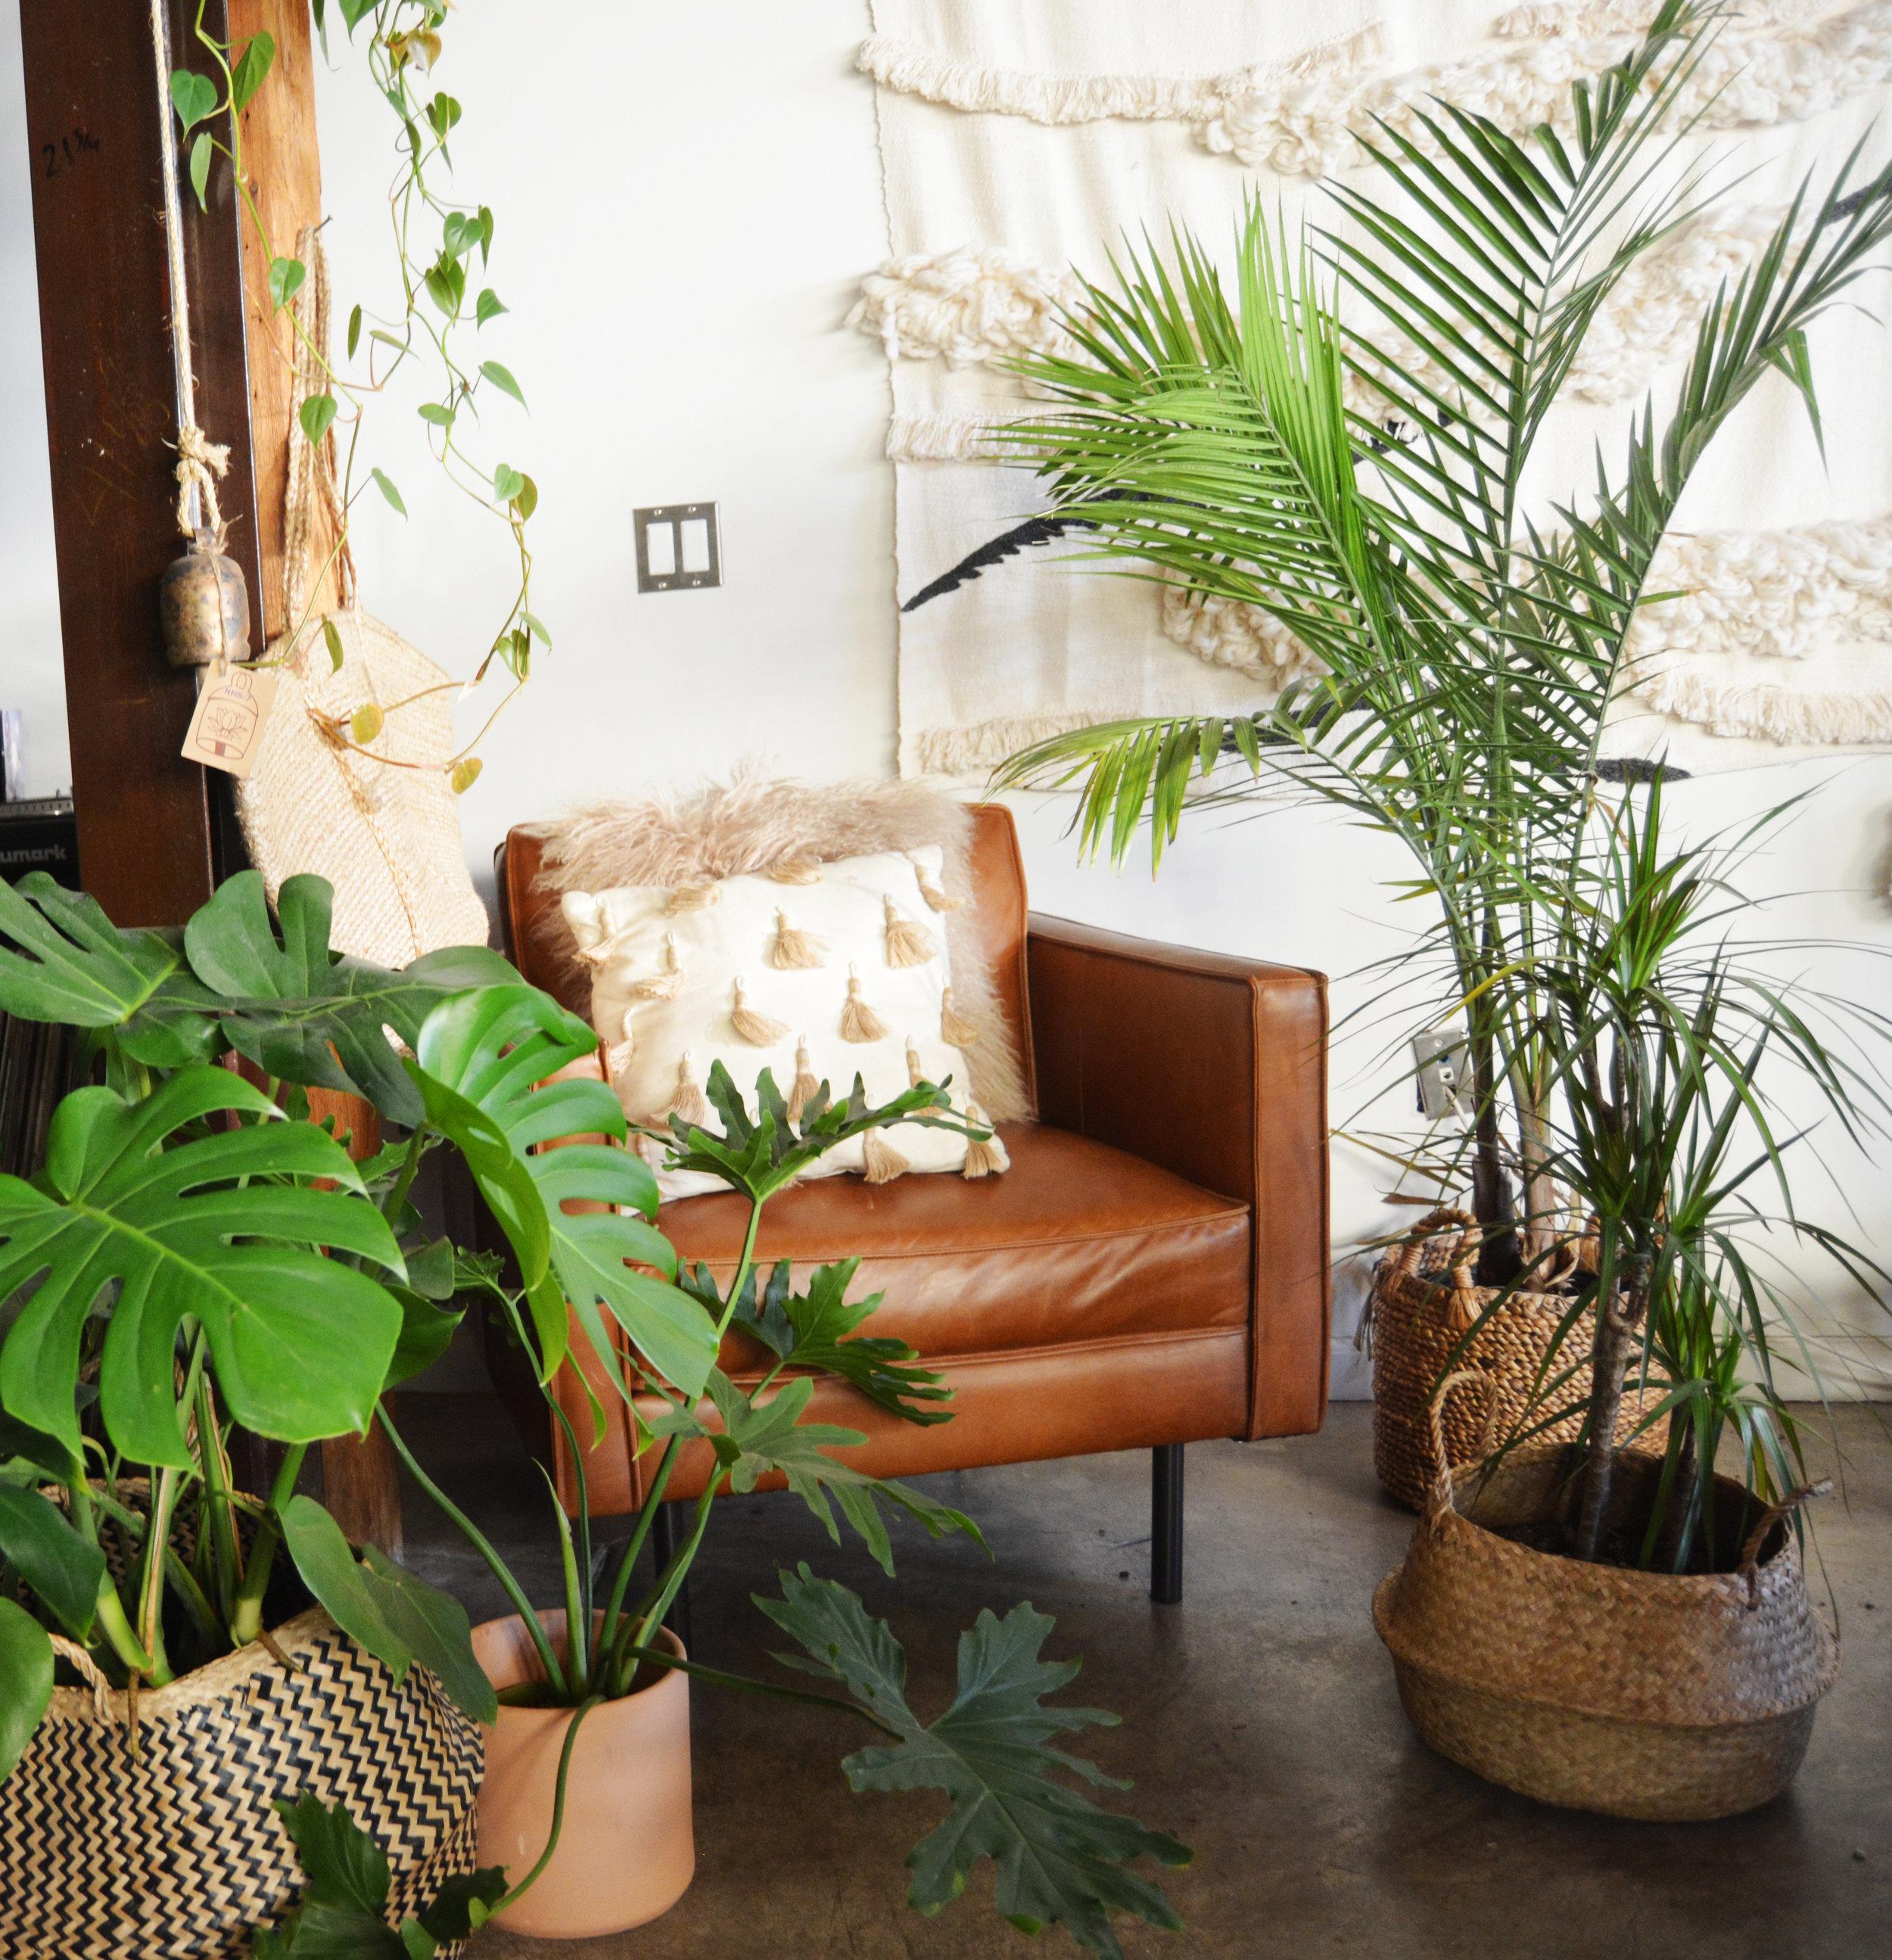 livingroom1_CROP.jpg